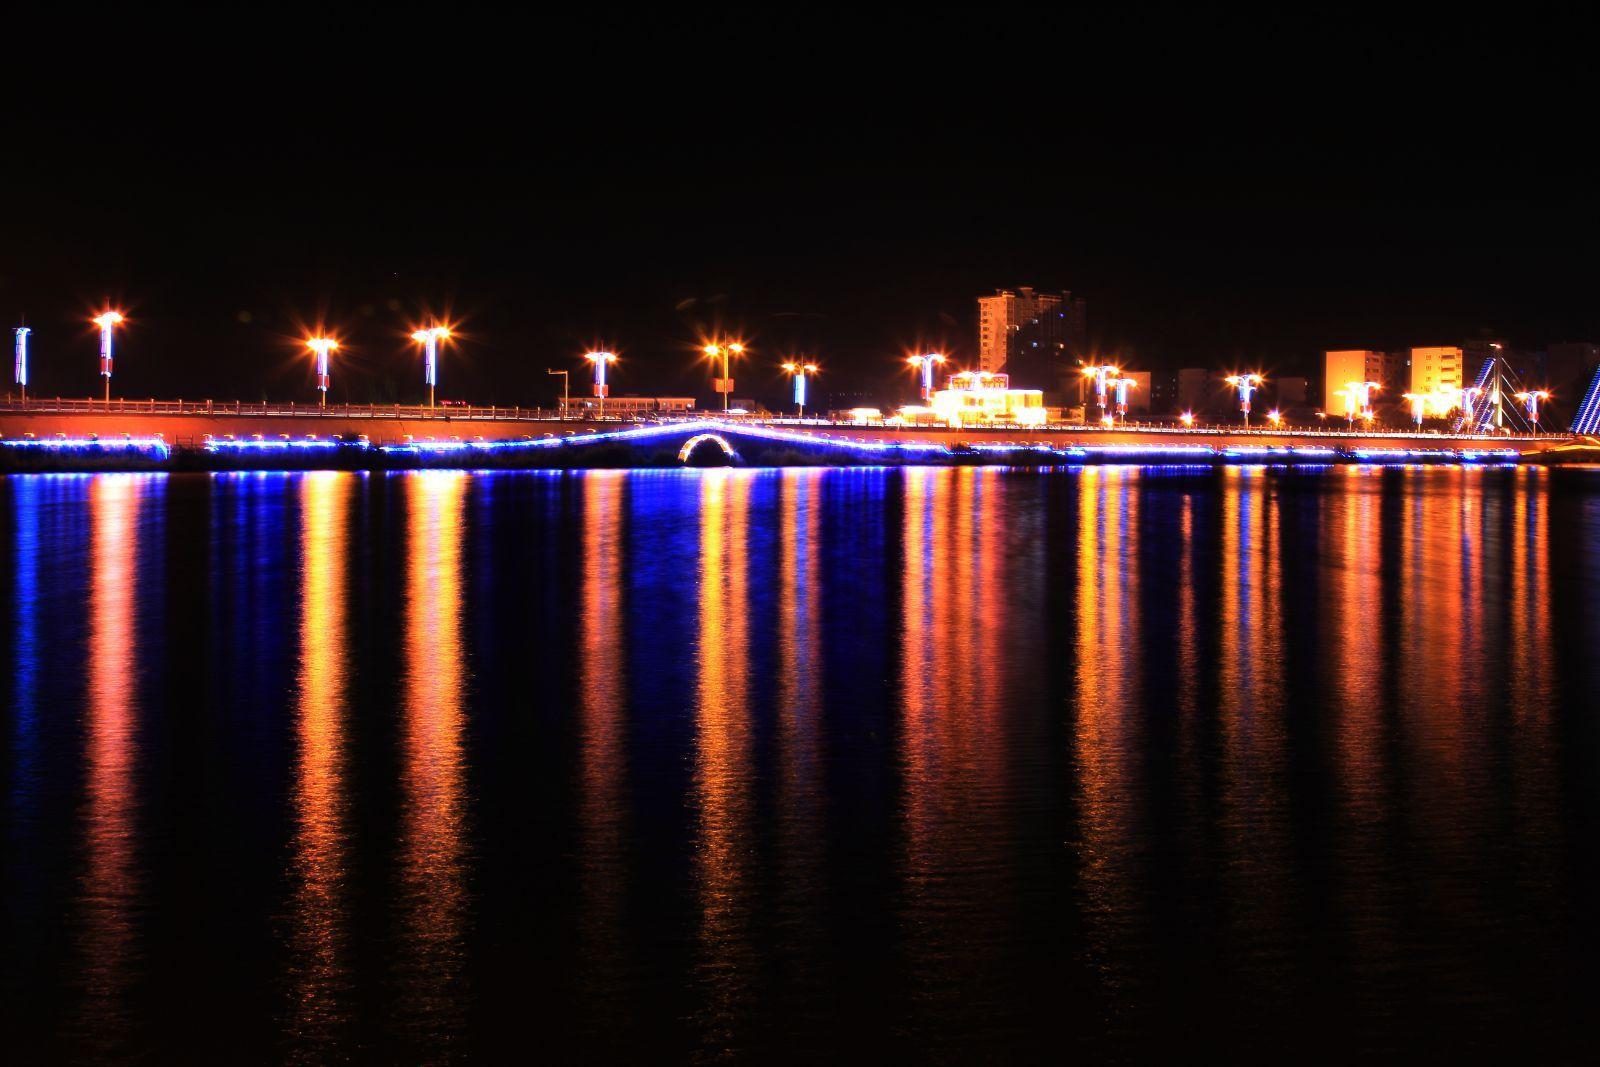 新疆夜景图片素材